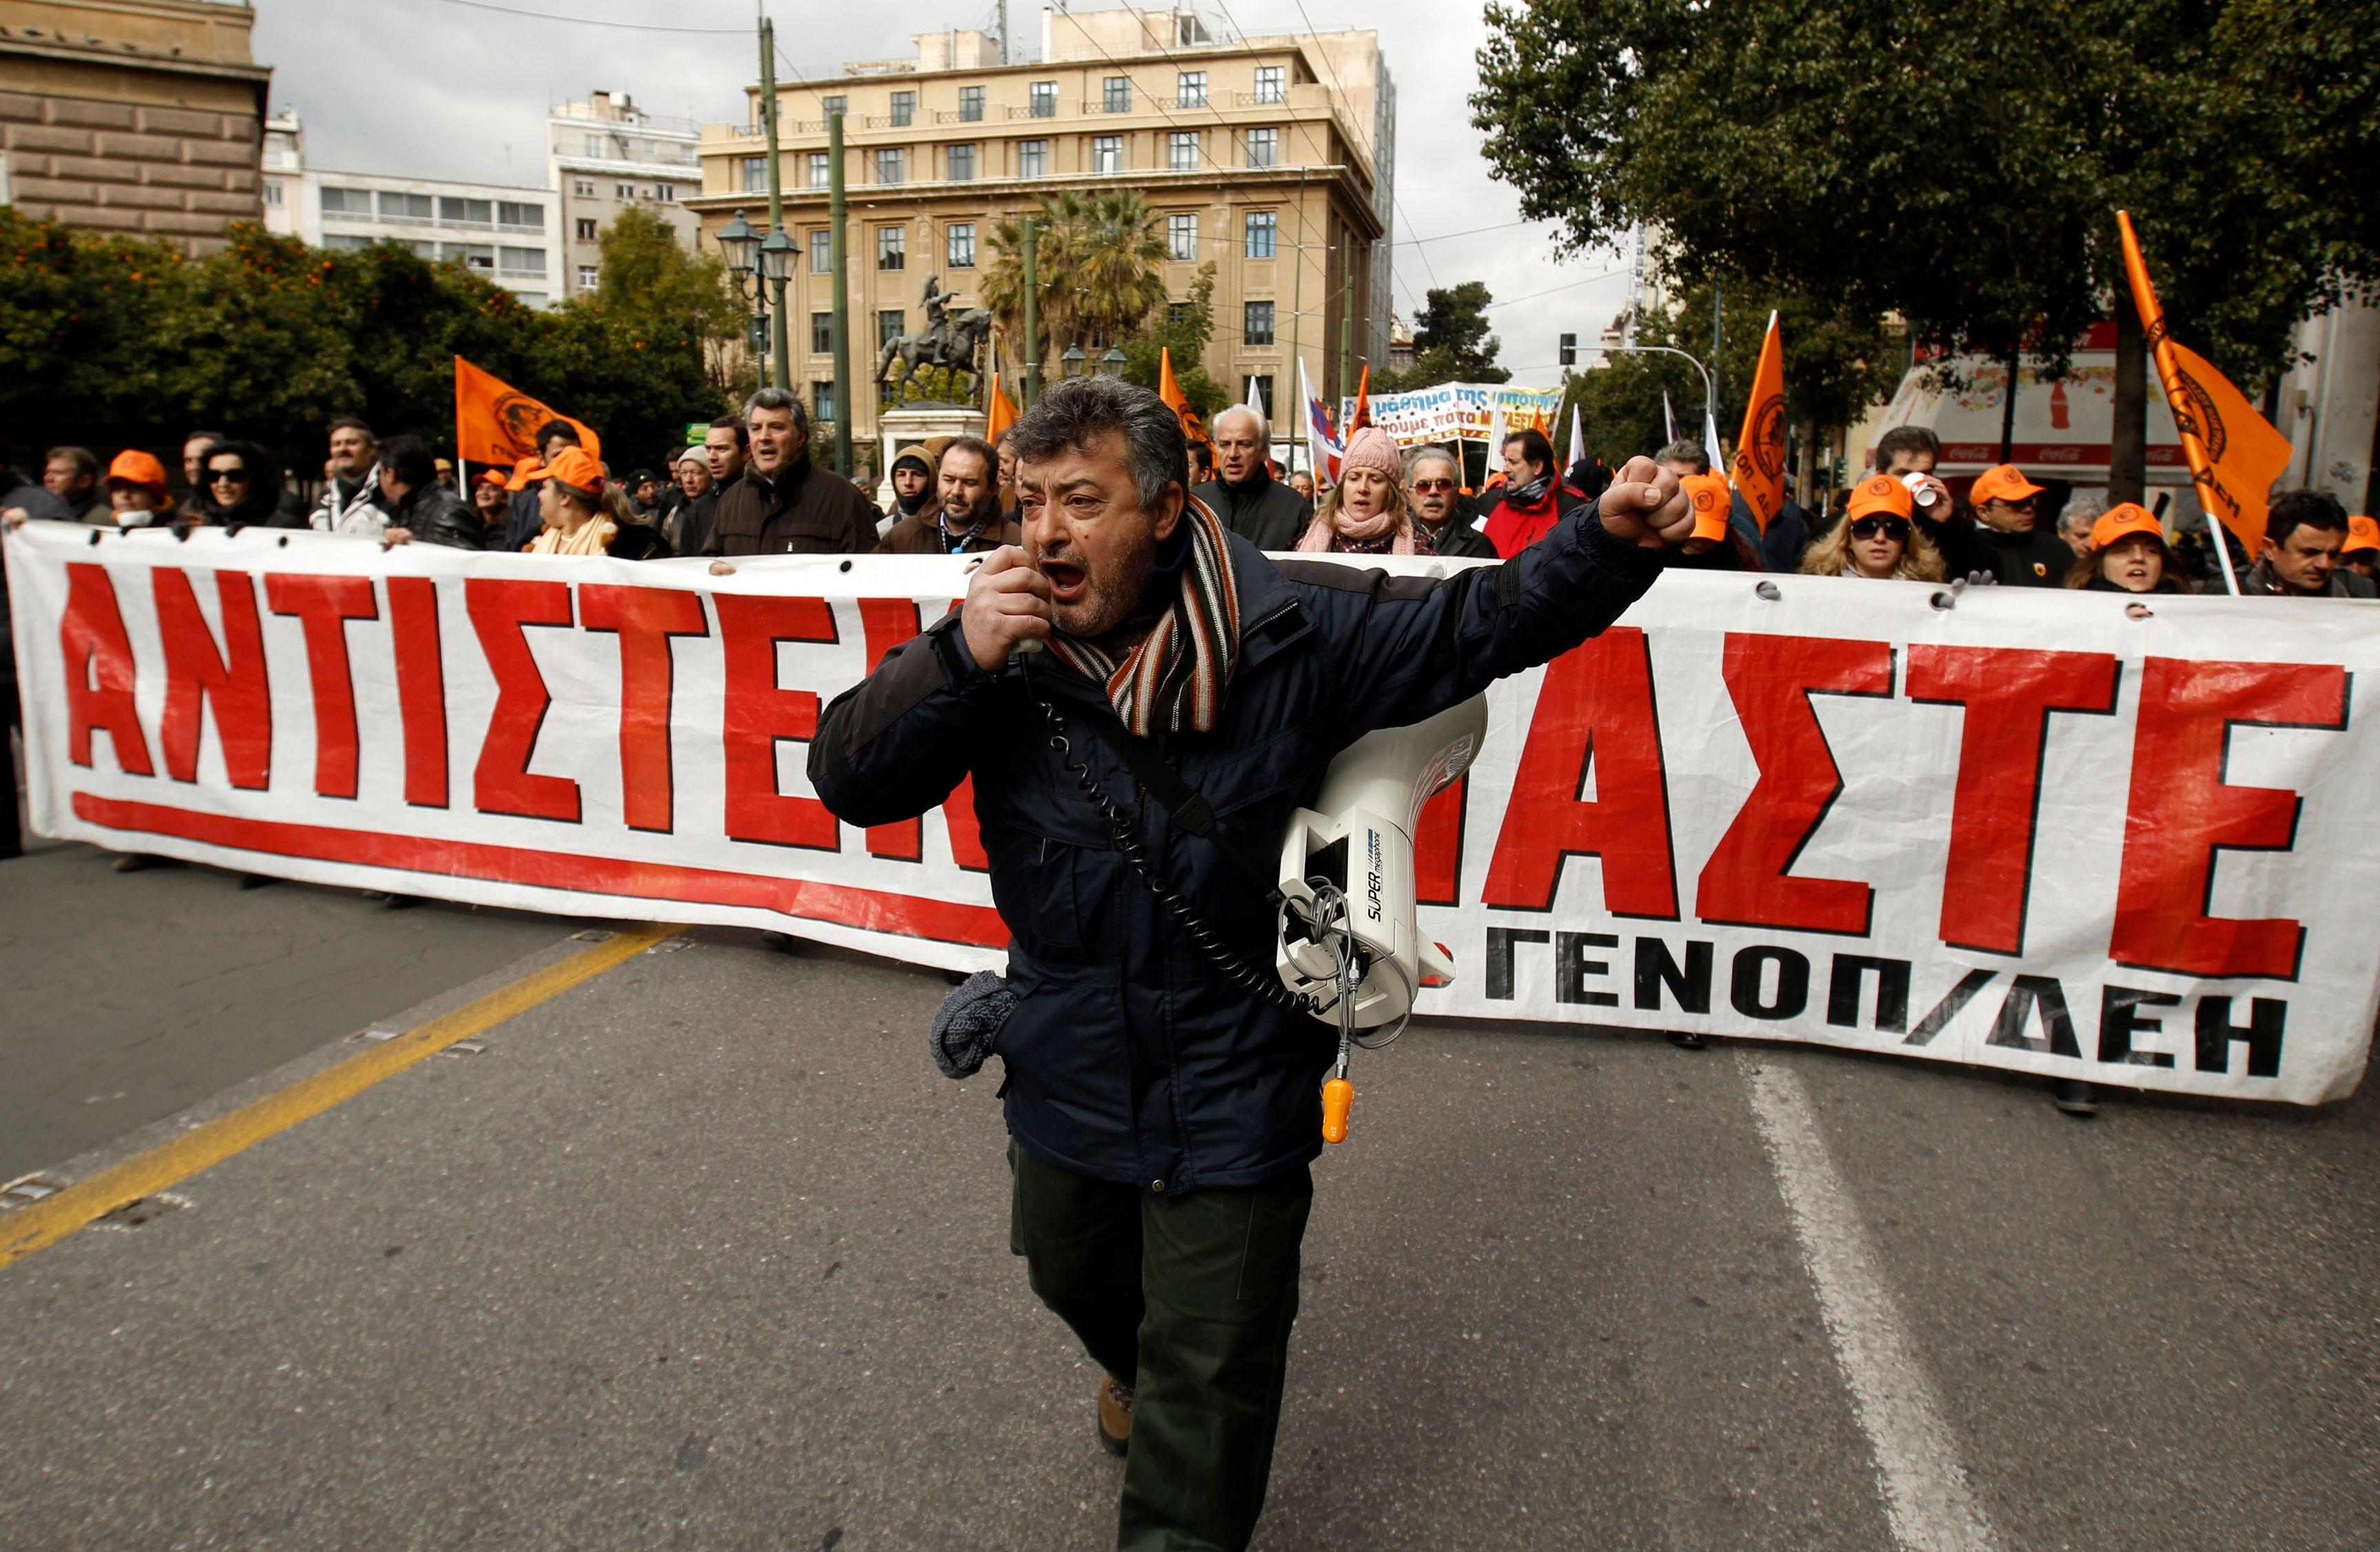 Le CAC 40 et les banques respirent, la Grèce est (provisoirement ?) « sauvée »... mais les Grecs ?